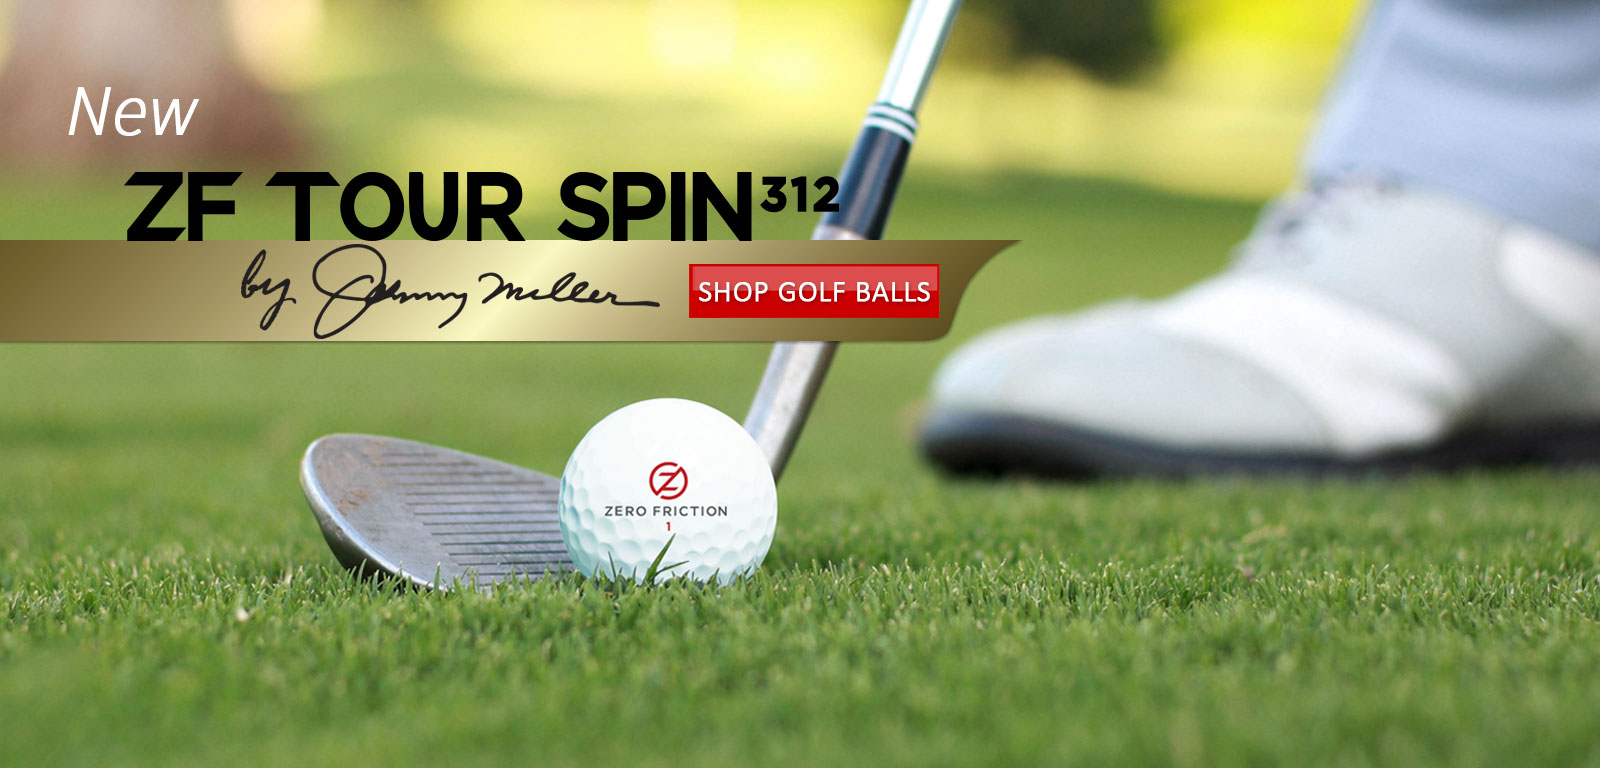 ZF Tour Spin Golf Balls